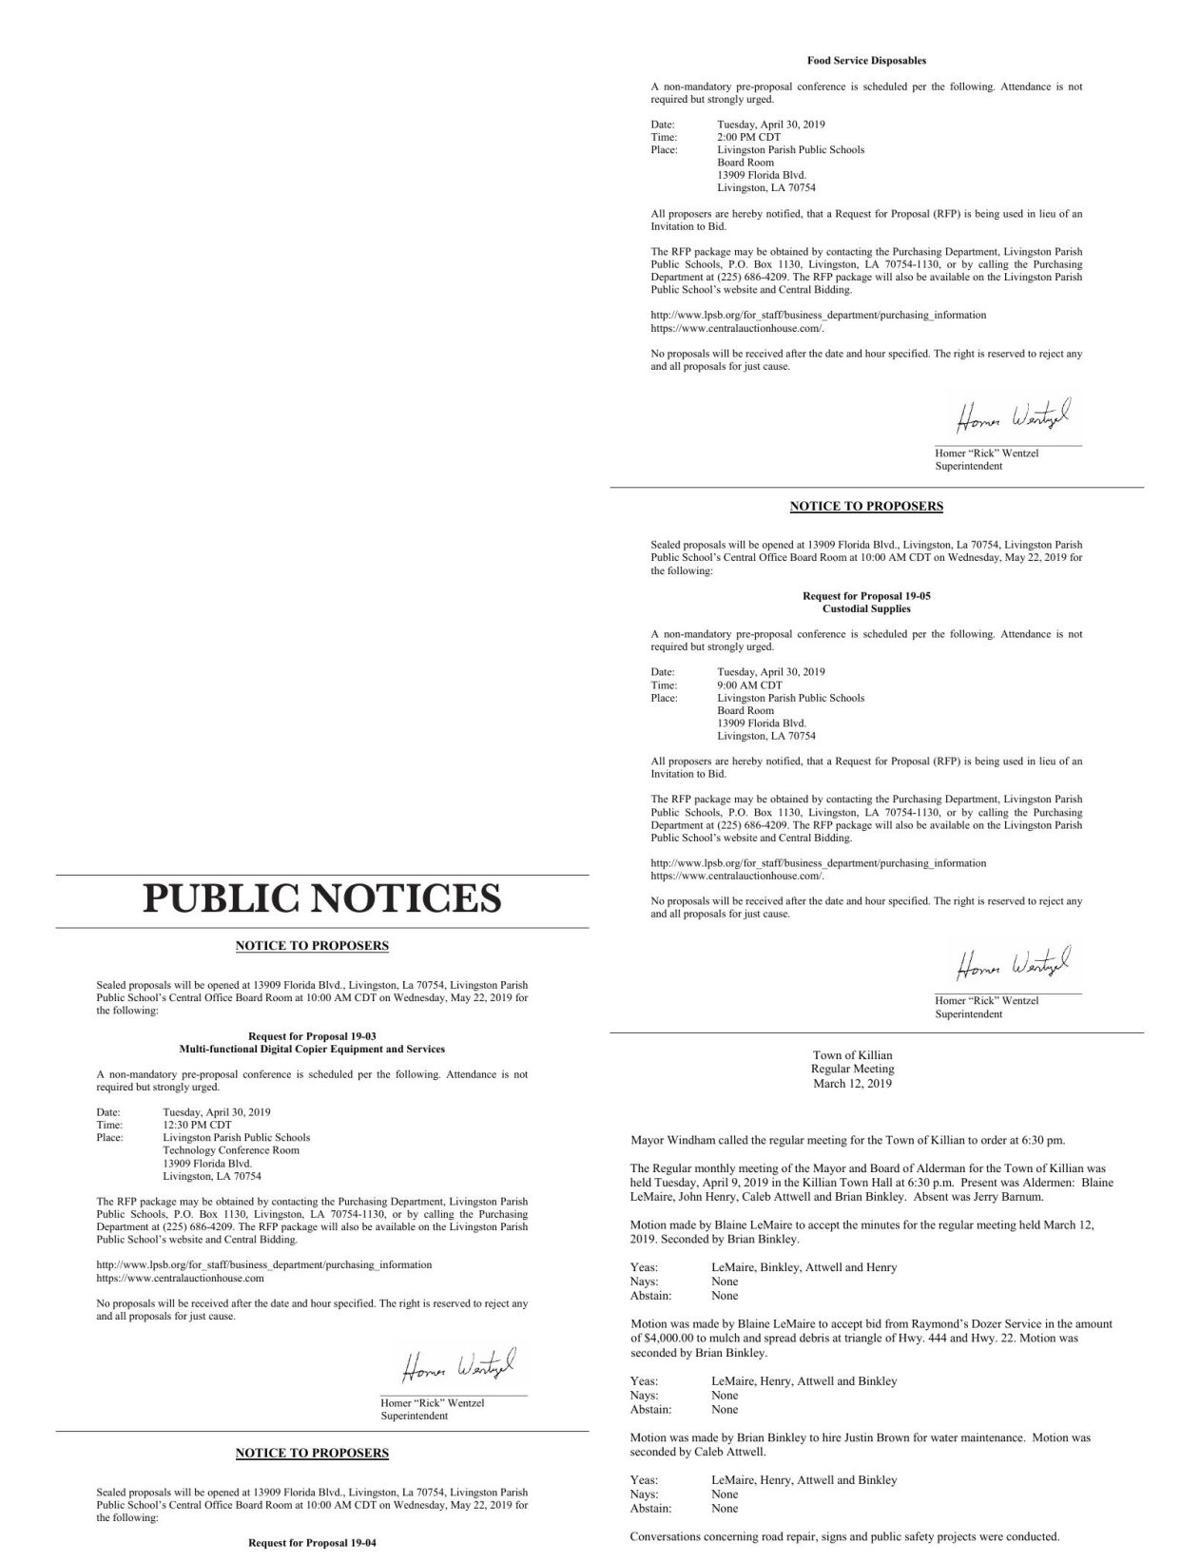 Public Notices published April 18, 2019